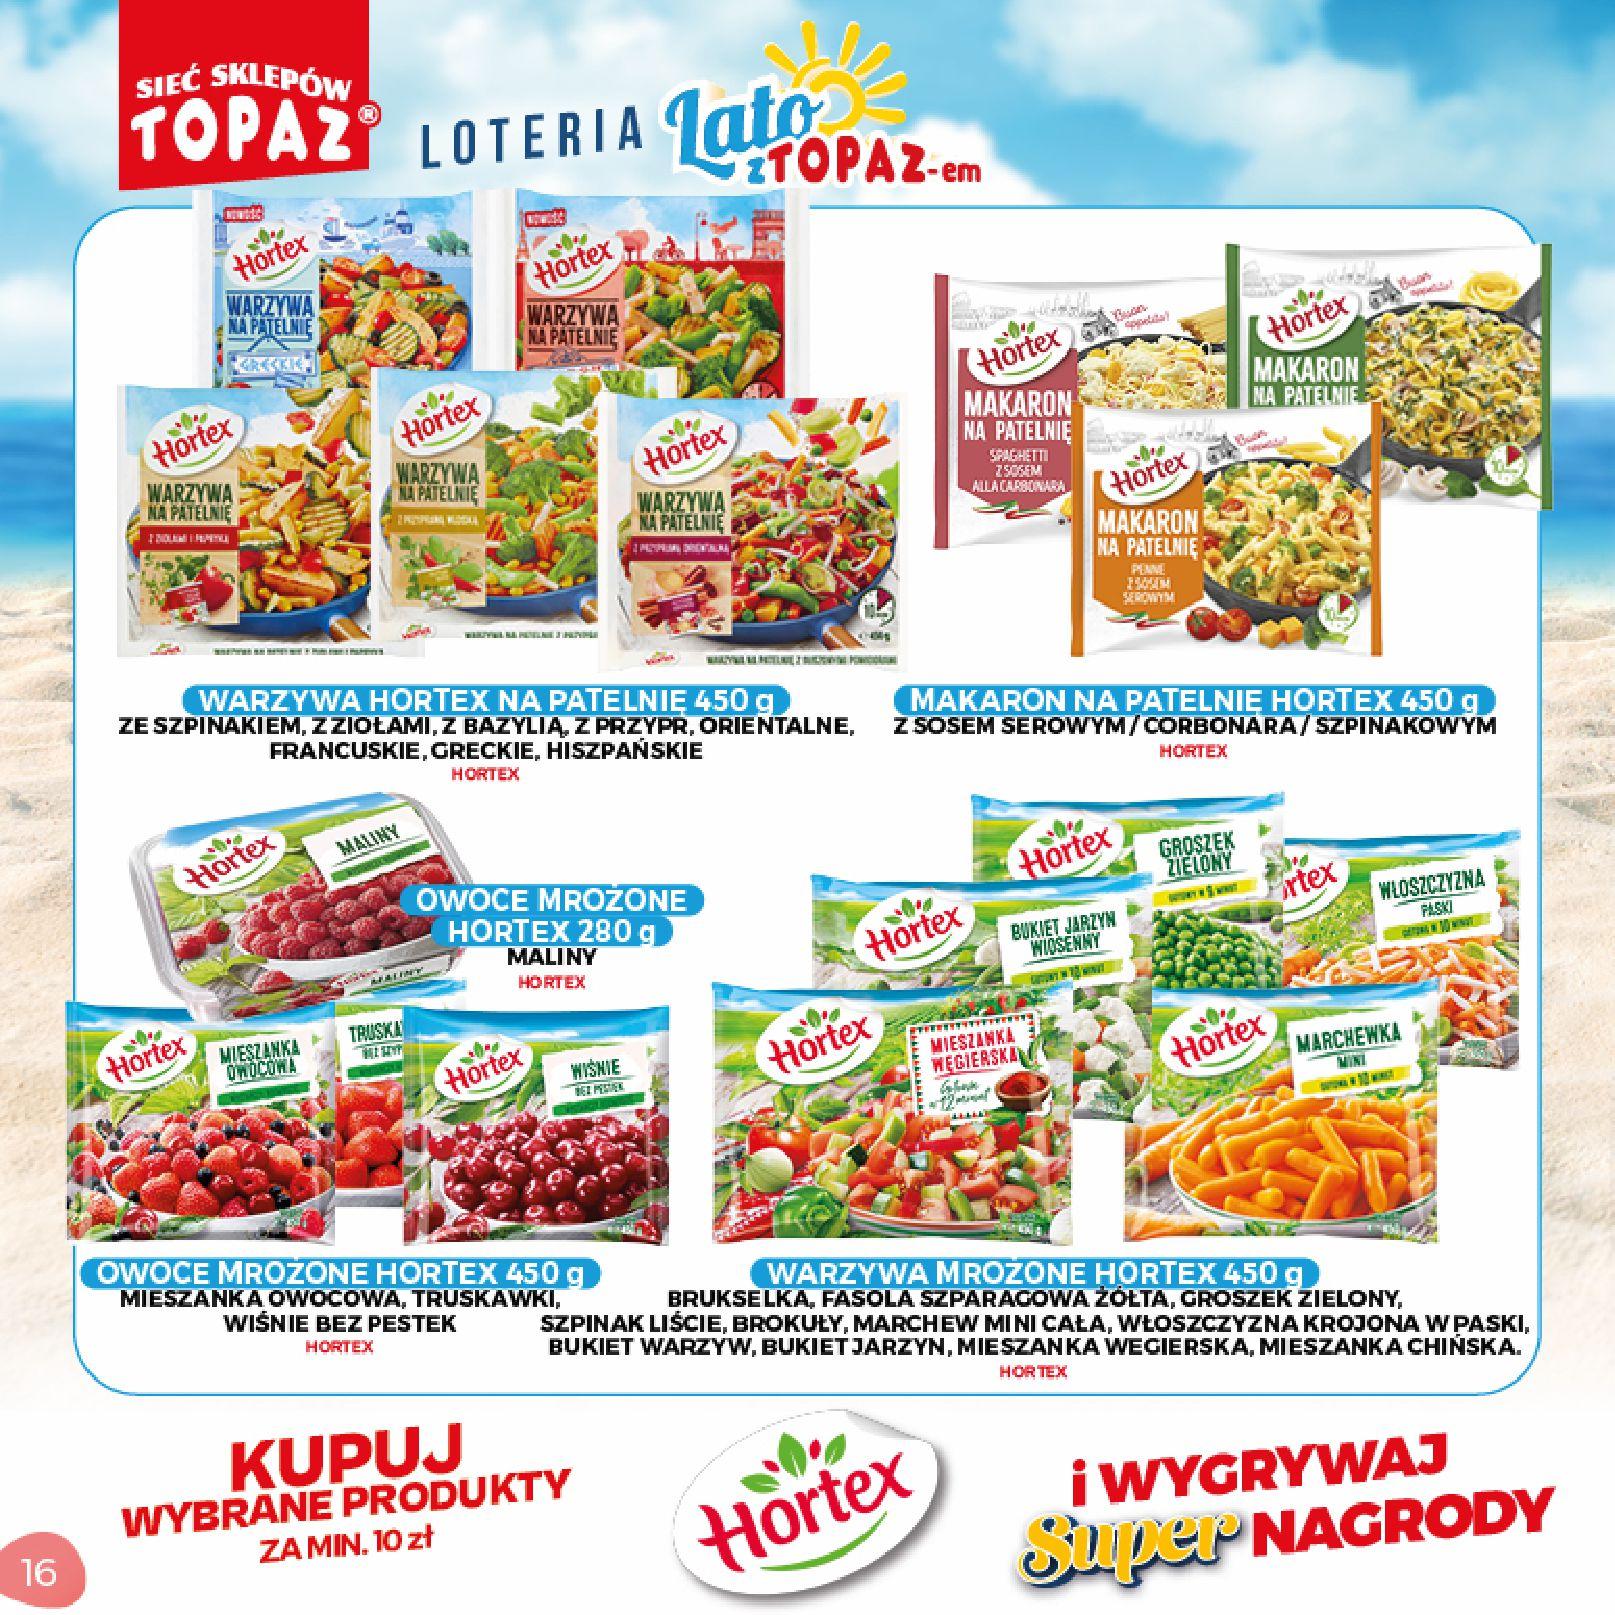 Gazetka TOPAZ: Gazetka TOPAZ - Loteria 2021-07-05 page-16